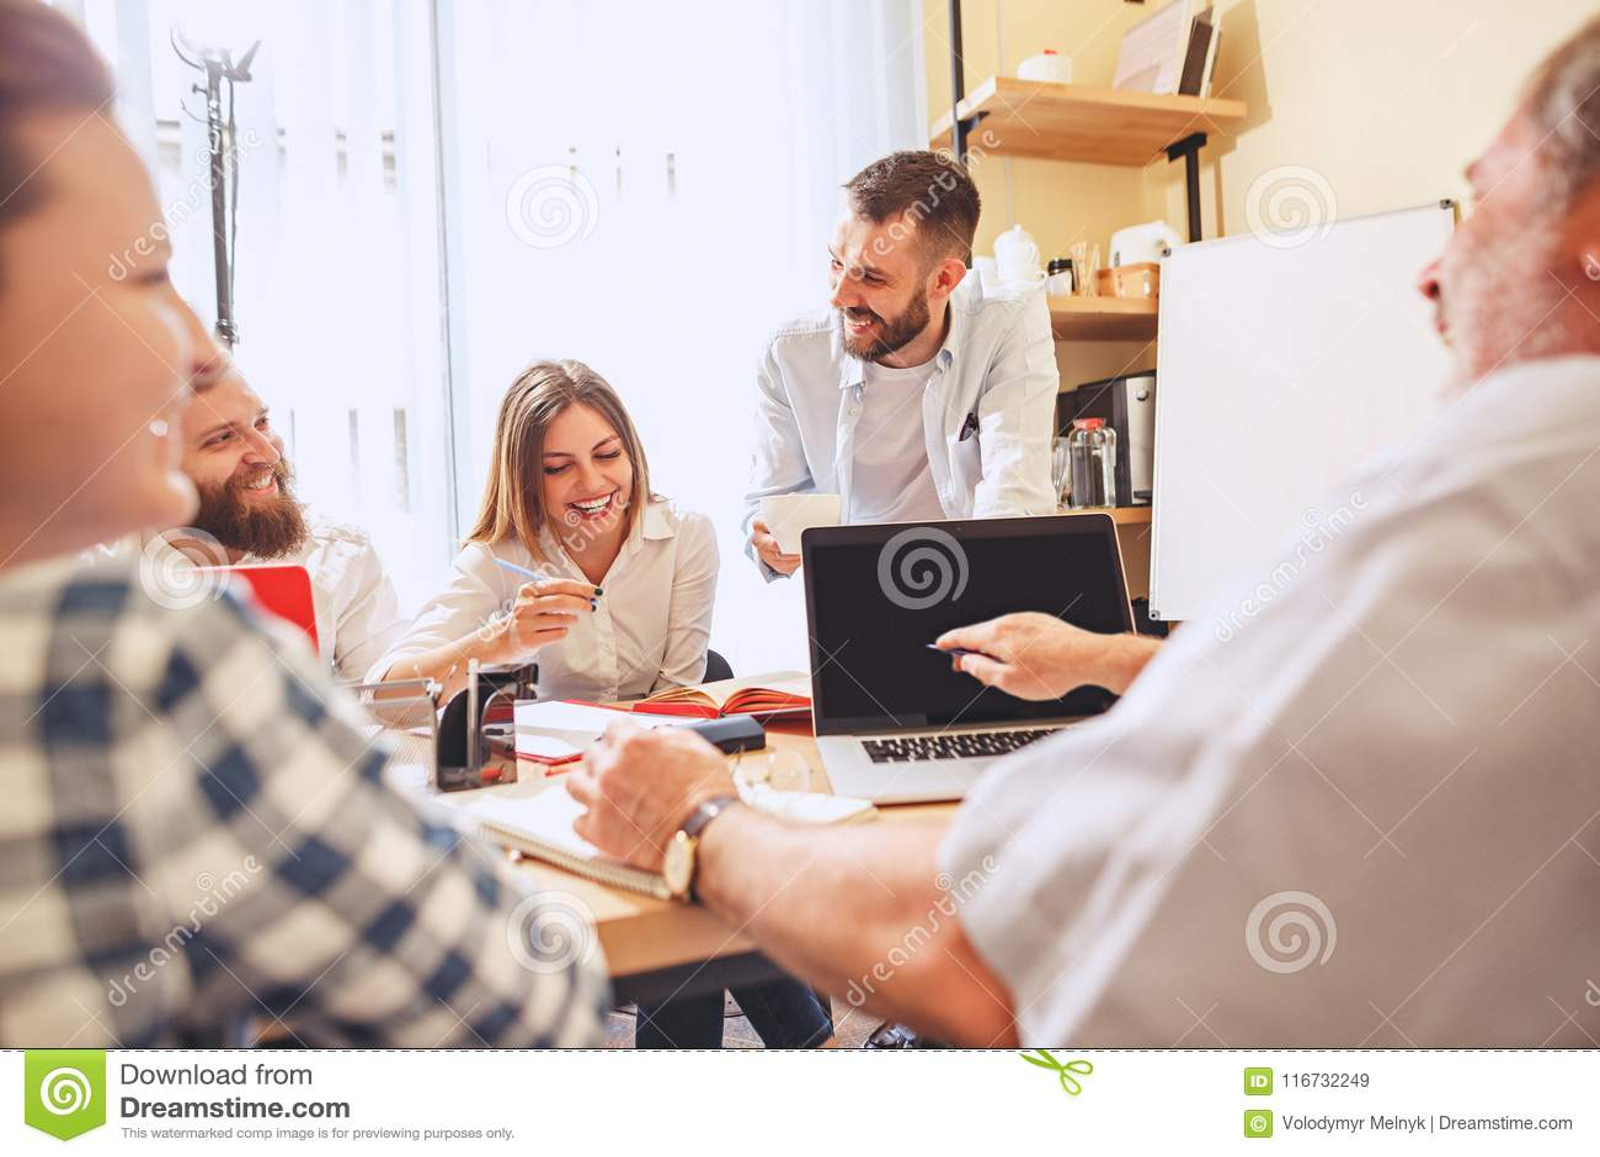 Trabajo del equipo Businessmans jovenes de la foto que trabajan con nuevo proyecto en oficina